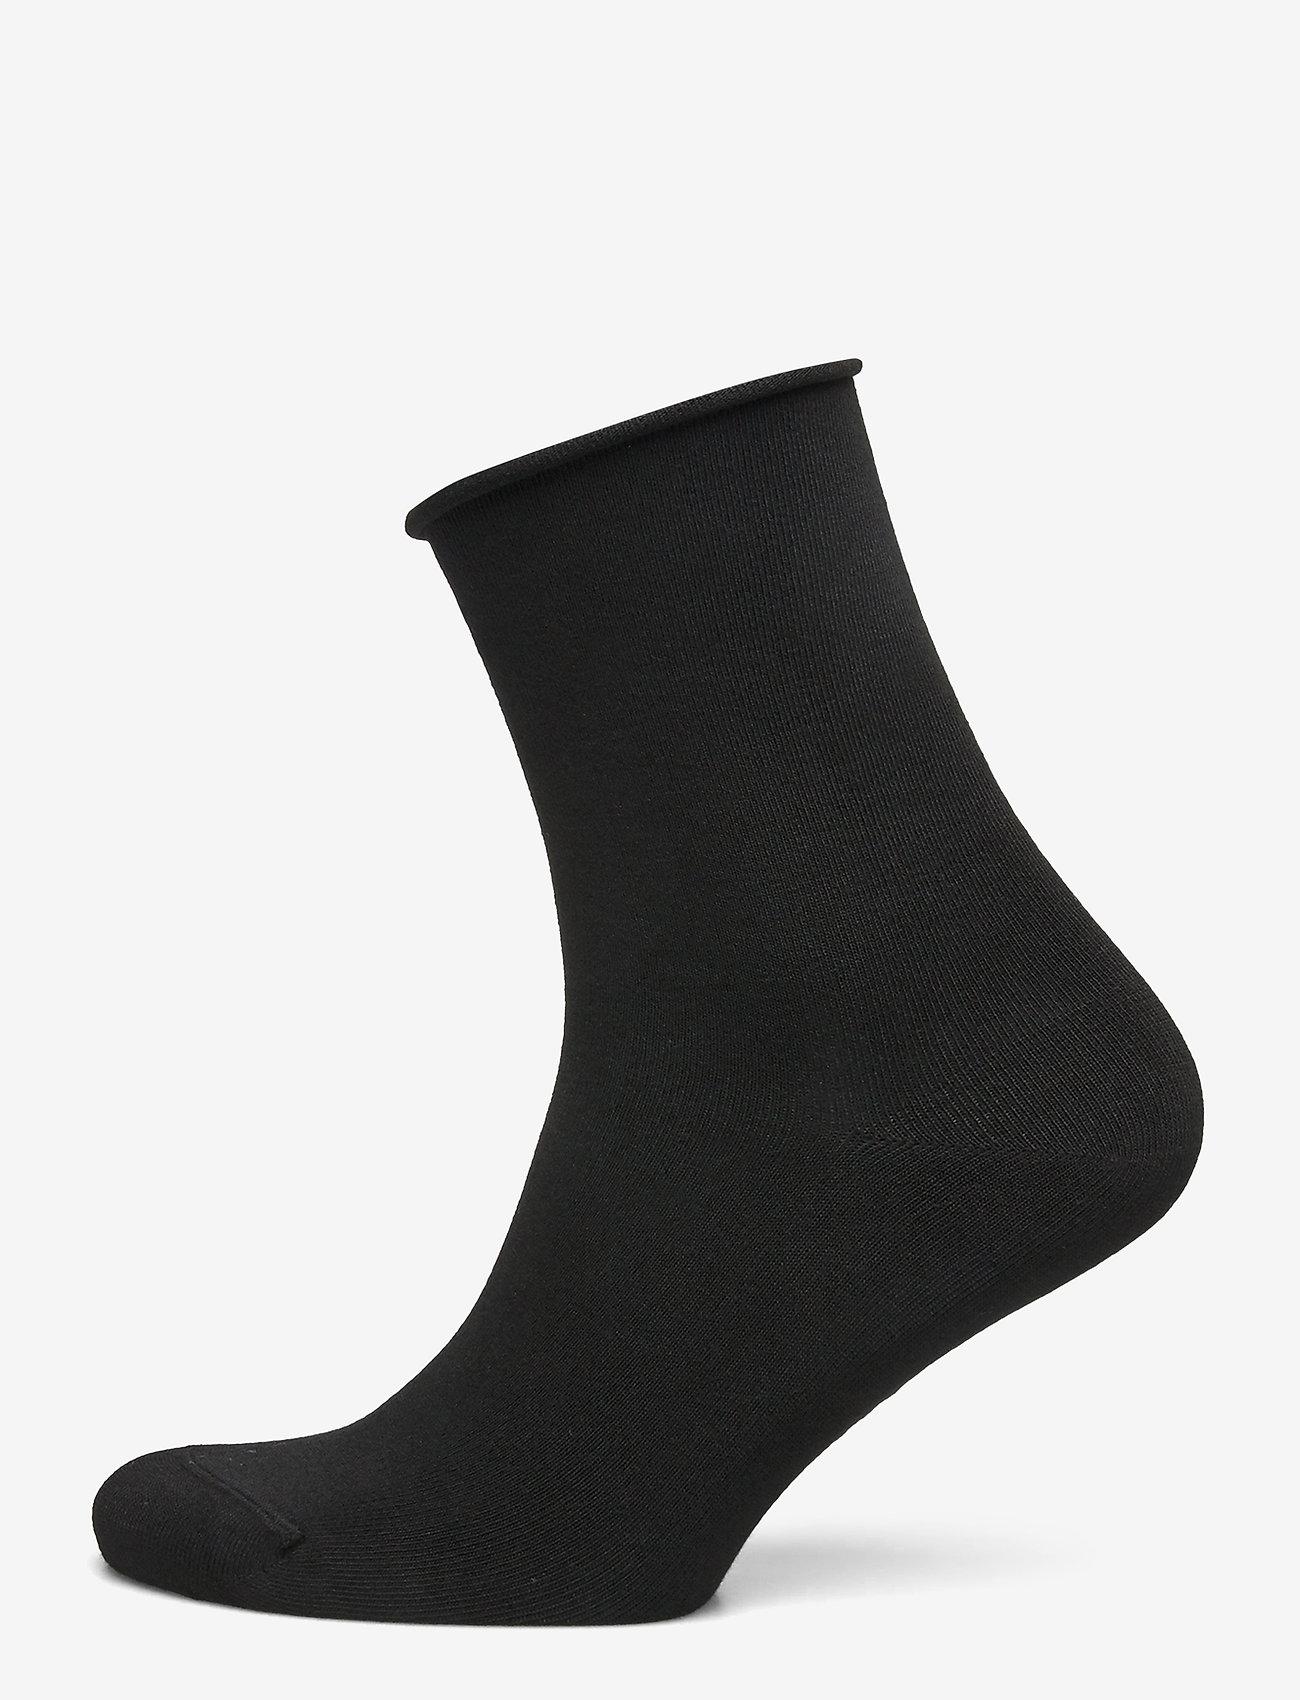 Vogue - Ladies anklesock, Bamboo Comfort Top Socks - sneakersokken - black - 0